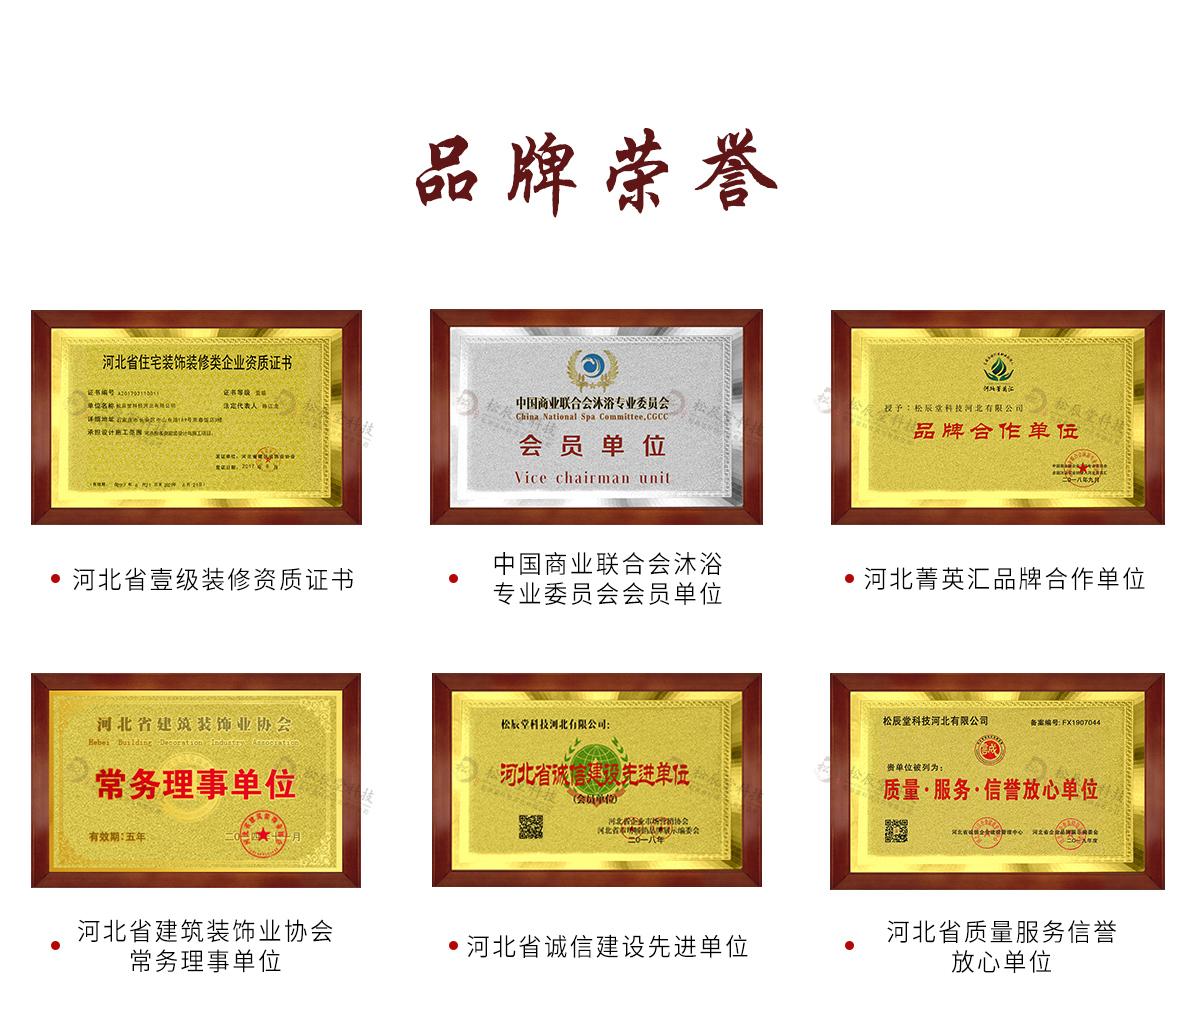 石家庄松辰堂科技河北有限公司荣誉证书